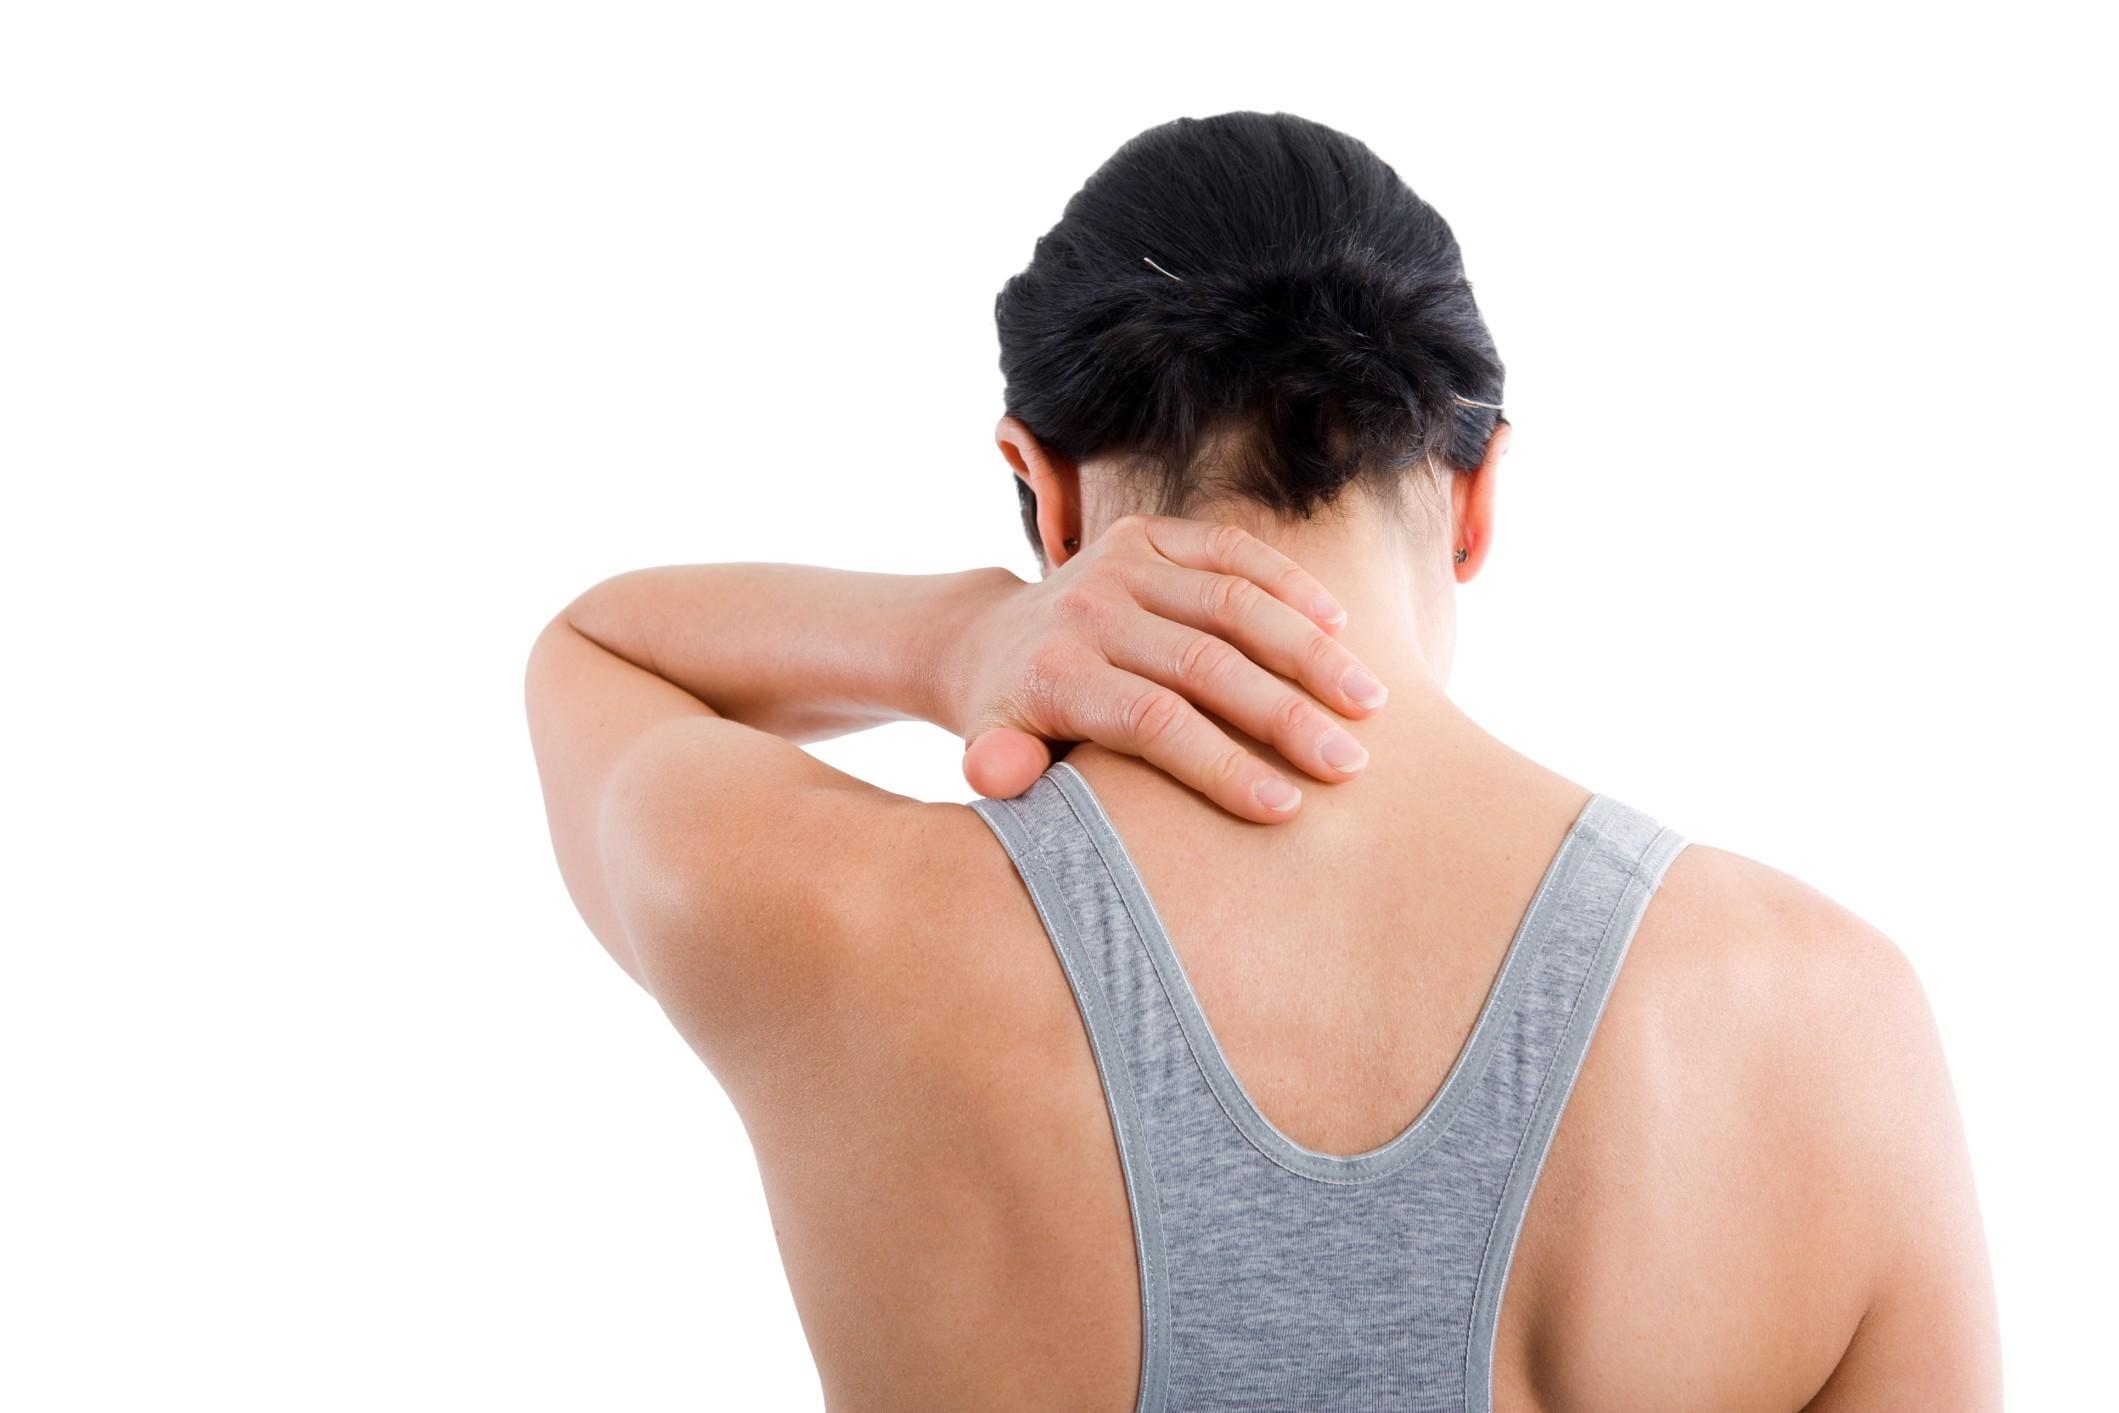 Sfuggire ai dolori cervicali: errori da evitare in sella